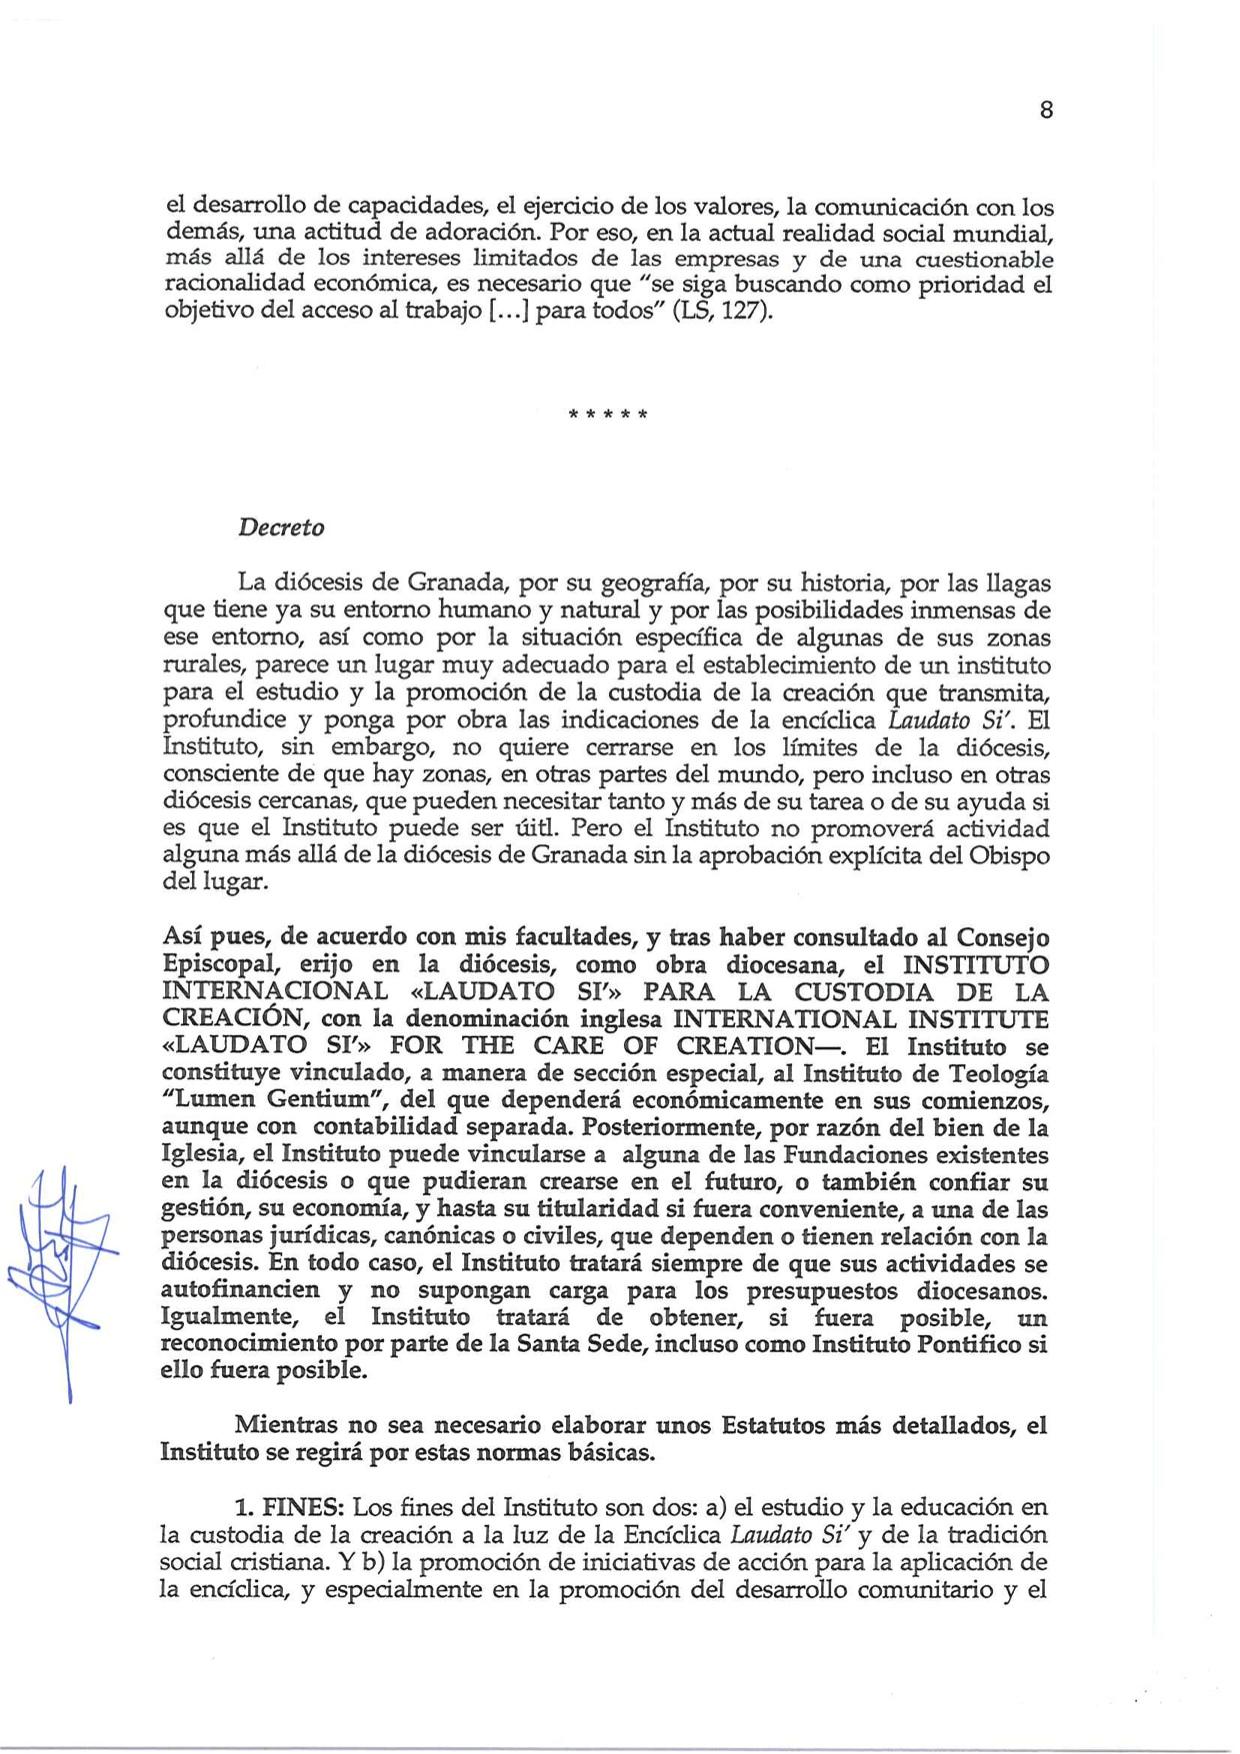 Decreto de Erección _Laudato Si_08